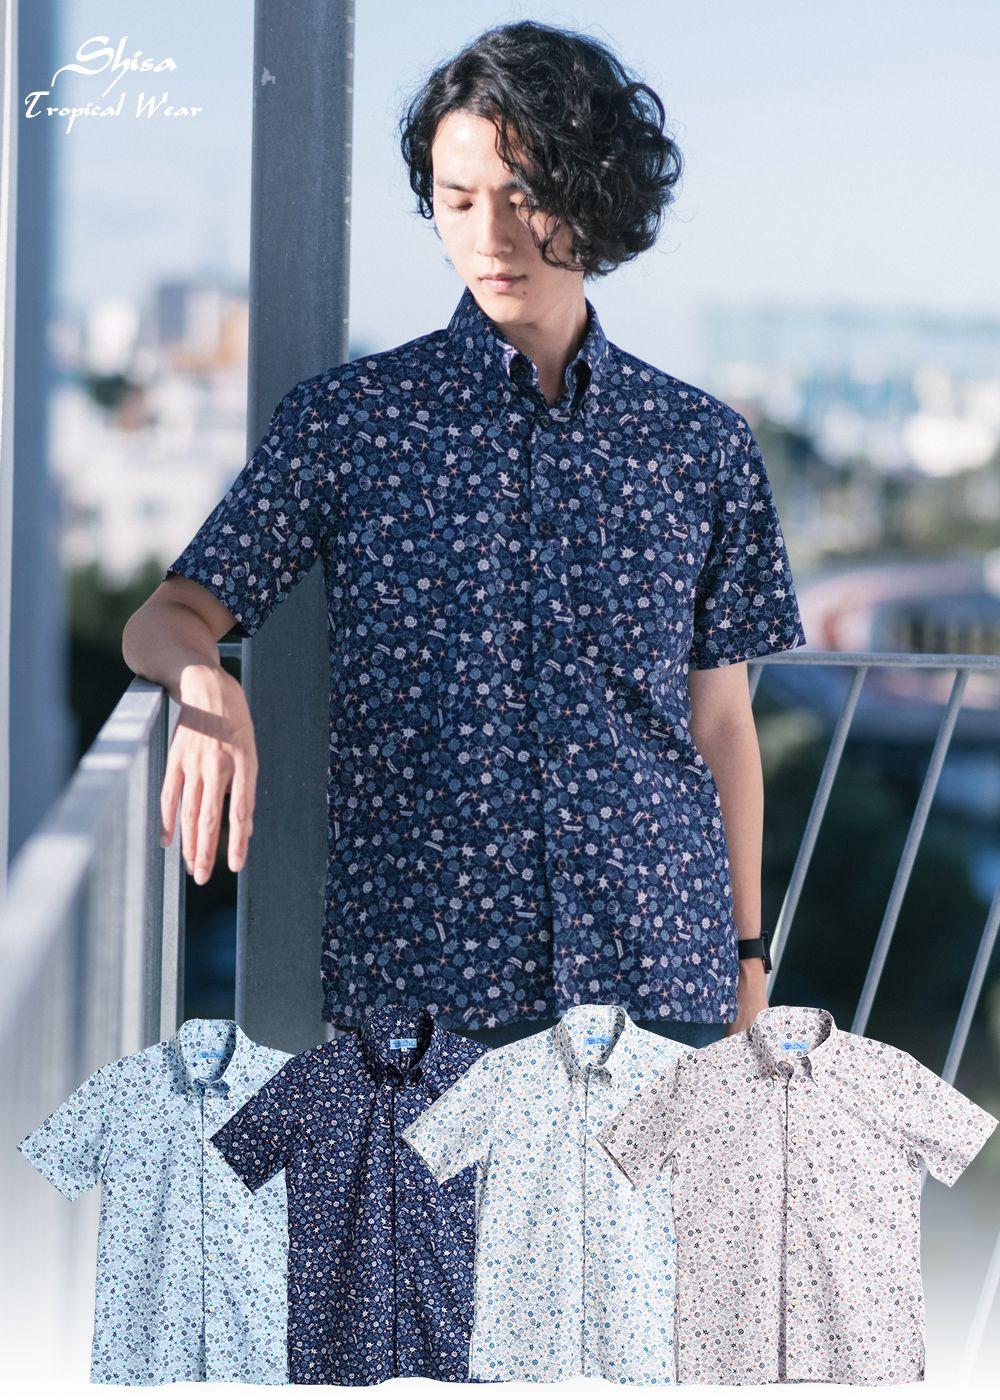 かりゆしウェア(沖縄版アロハシャツ) MAJUN - ギャラクシーマリン